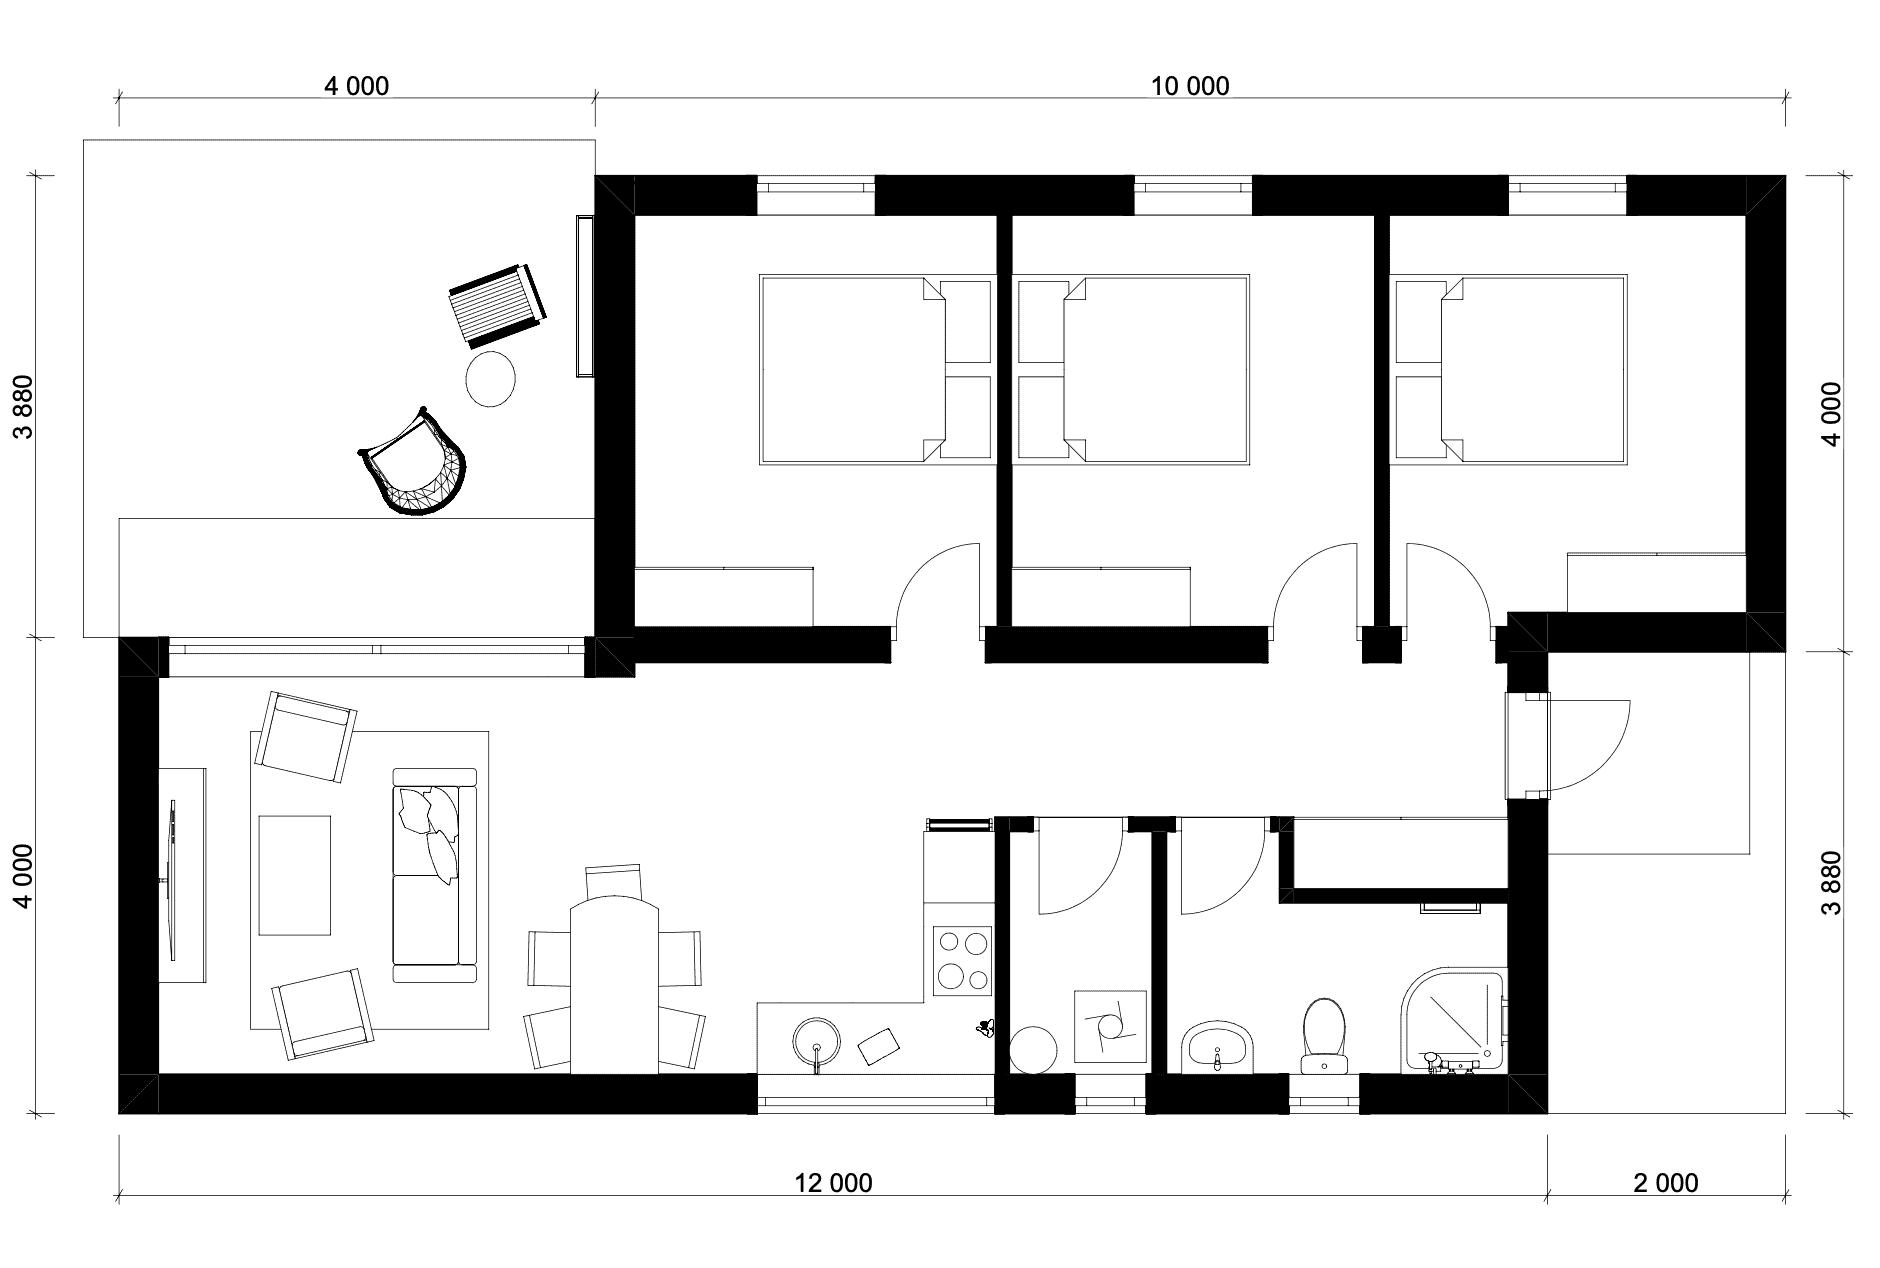 87 m2 Floorplan